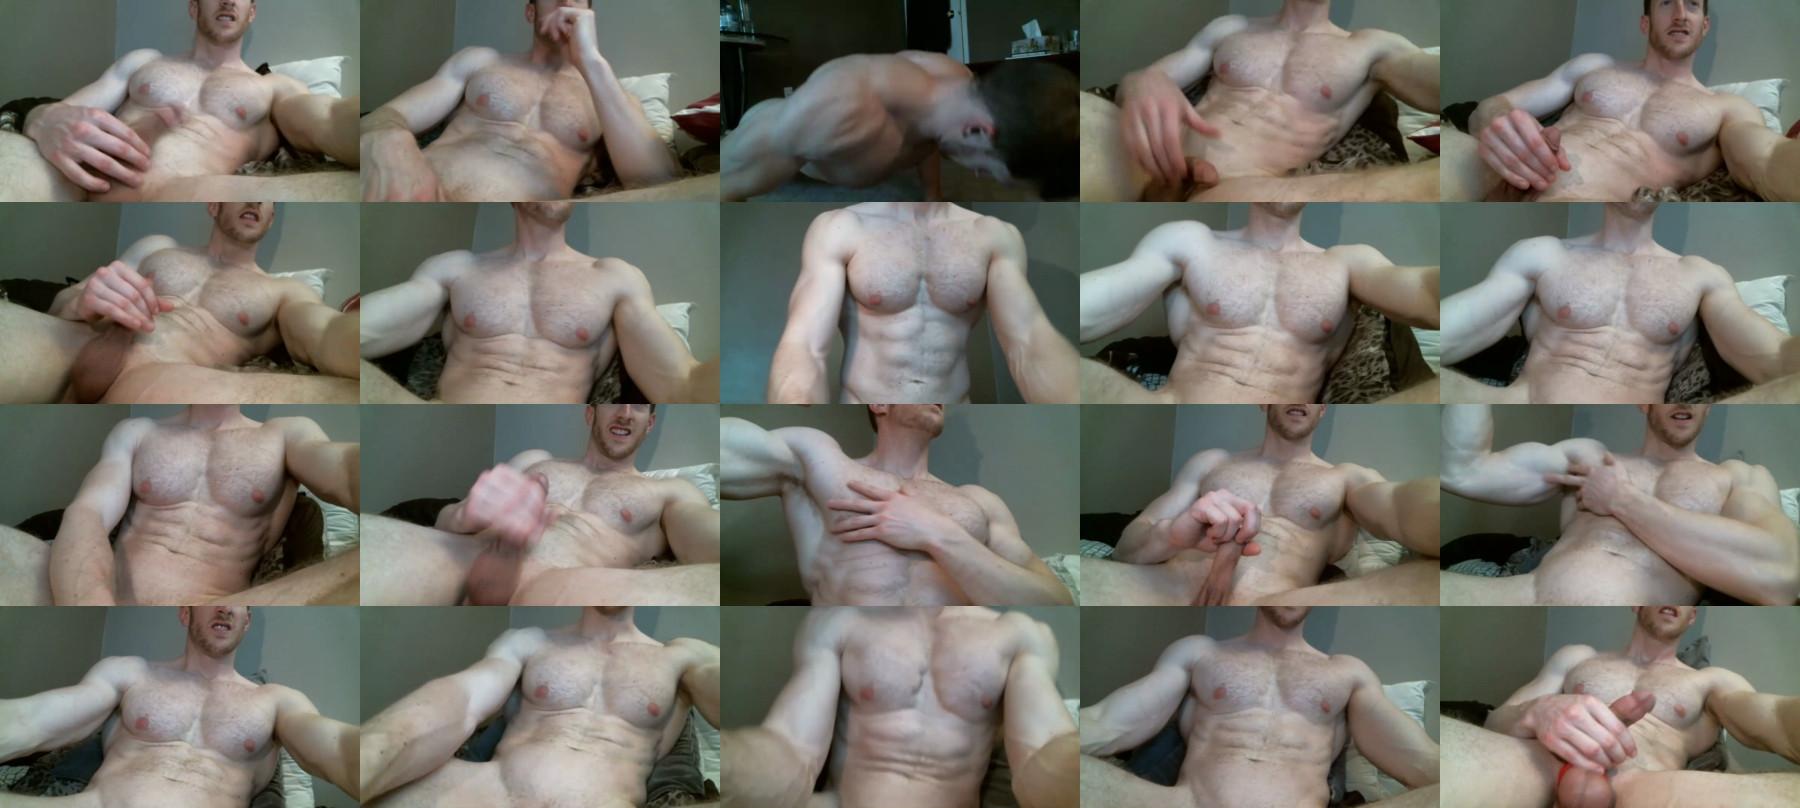 Trev9610 Chaturbate 07-04-2021 Male Nude